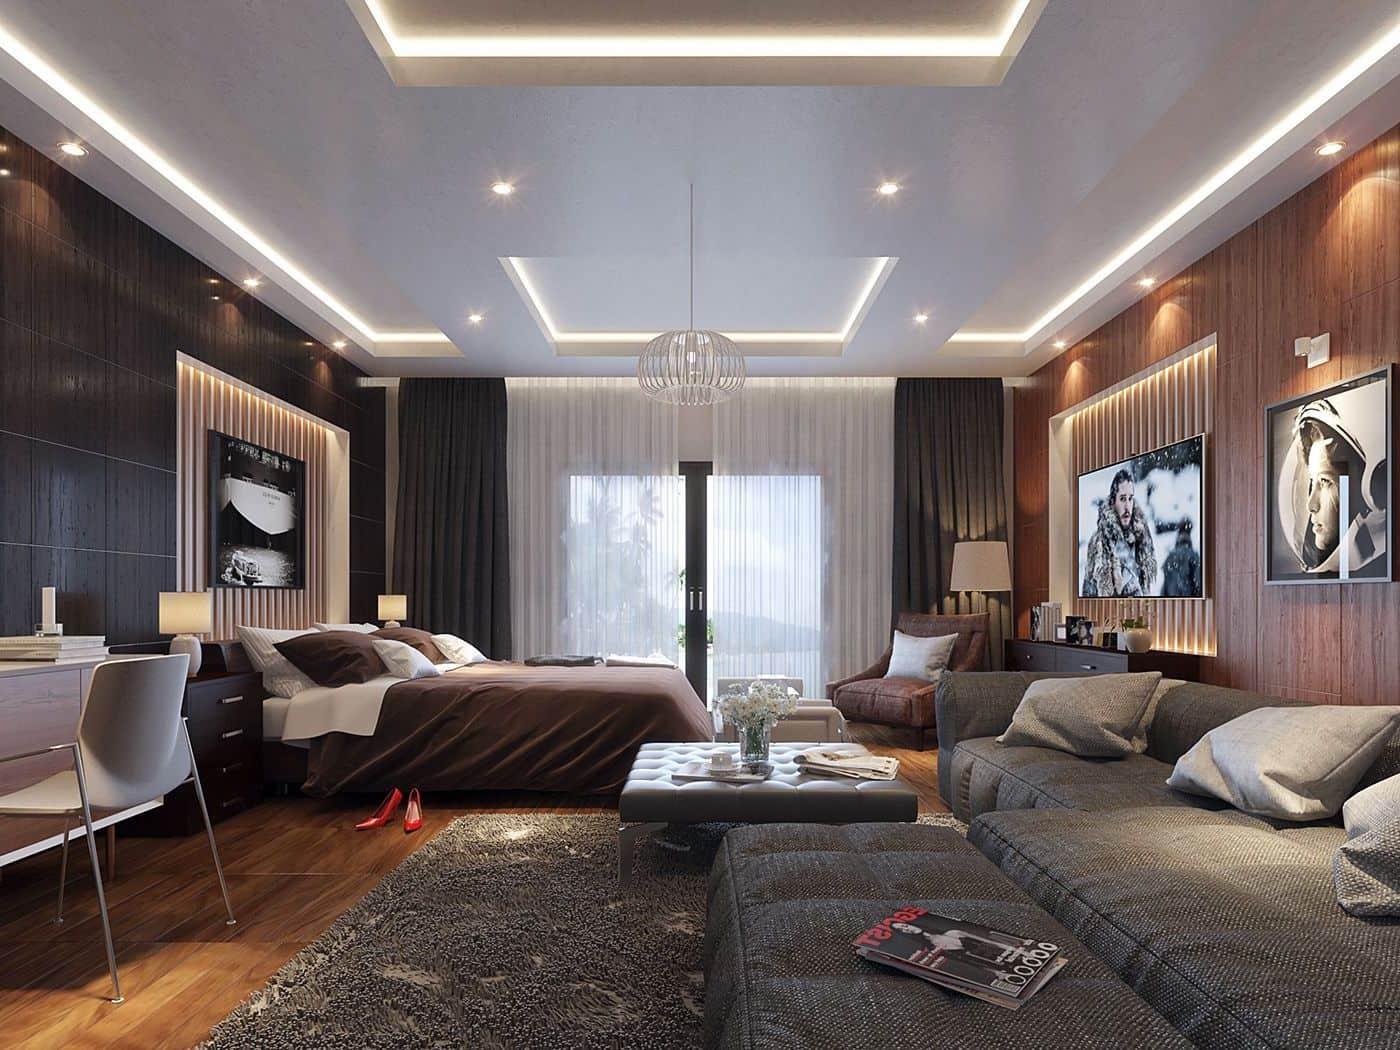 красивый дизайн потолка фото – 16